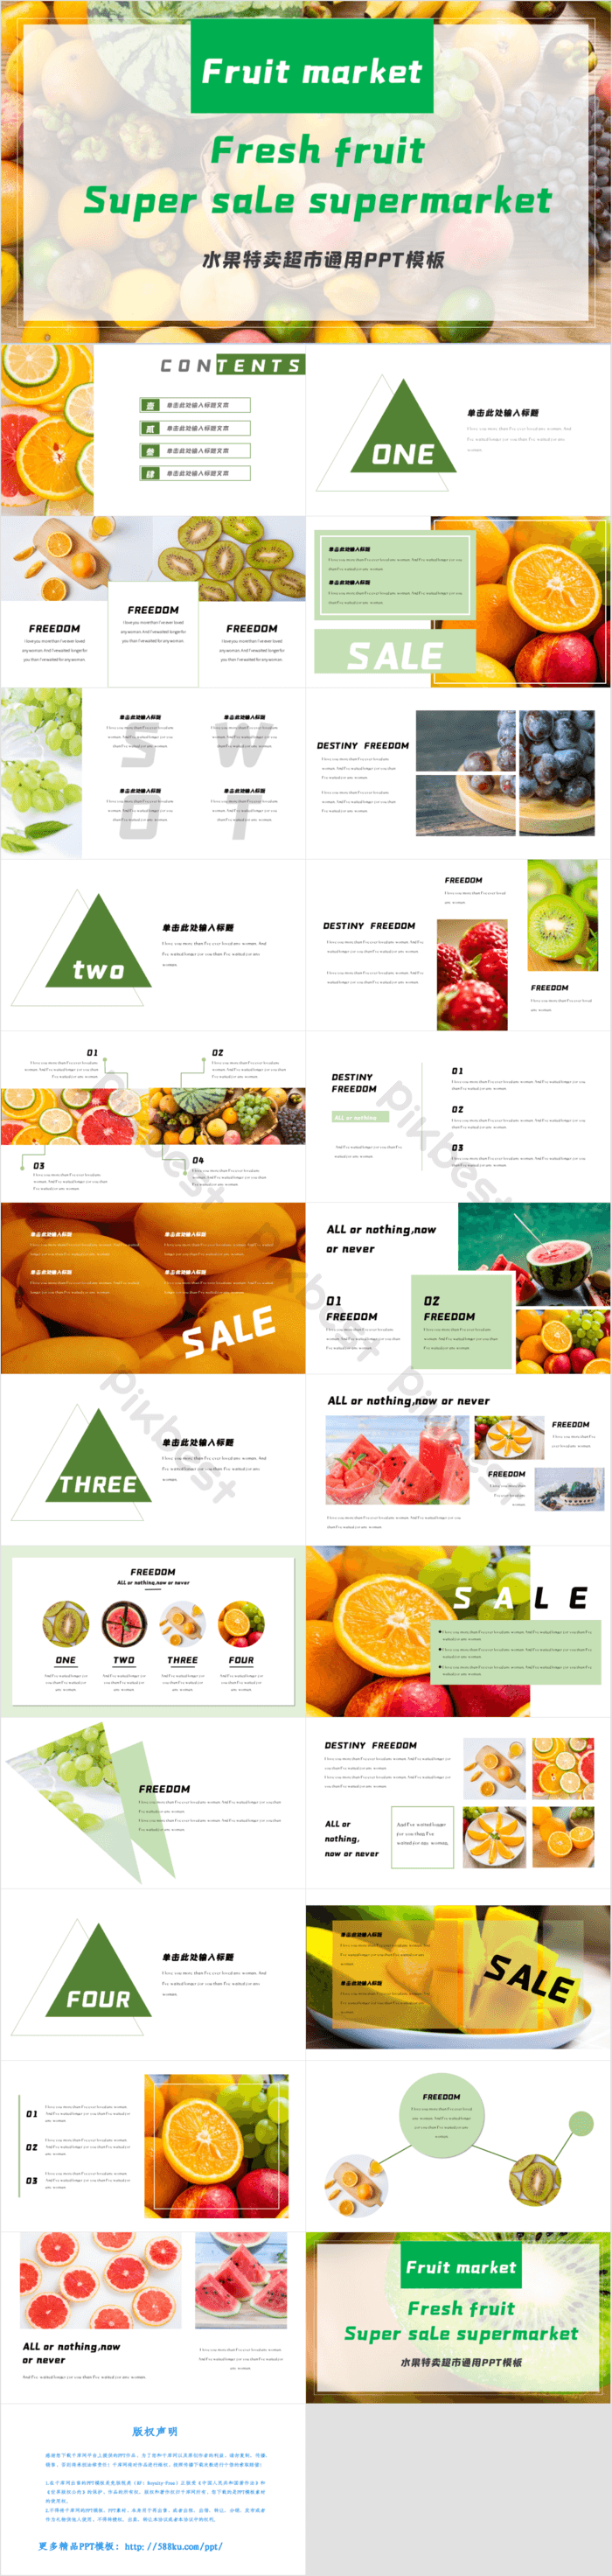 hình ảnh đầy màu sắc cửa hàng trái cây hình ảnh hiển thị mẫu ppt chung